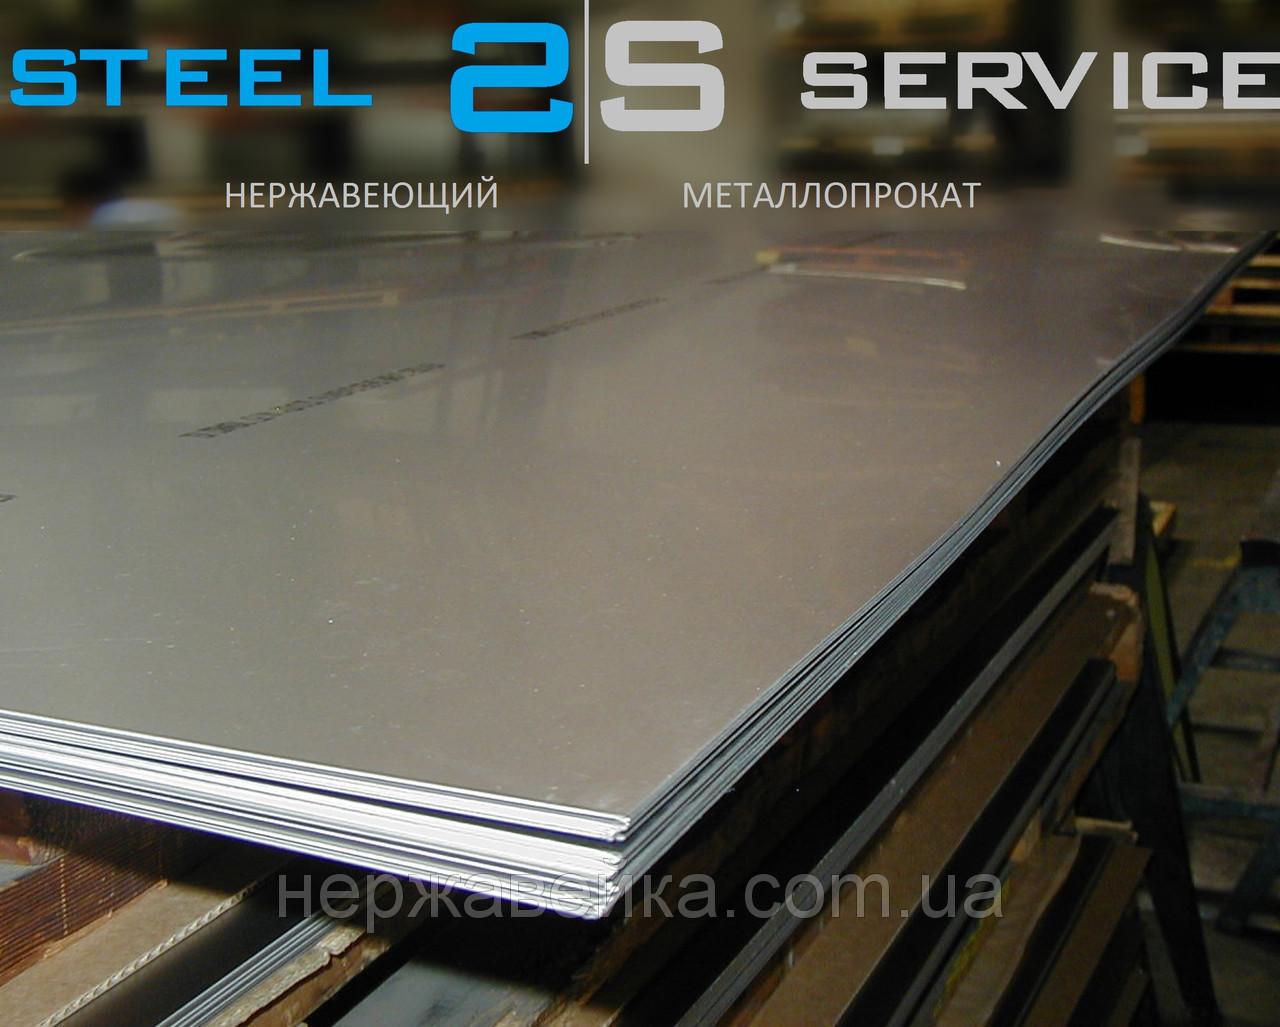 Нержавіючий лист 3х1250х2500мм AISI 430(12Х17) 2B - матовий, технічний